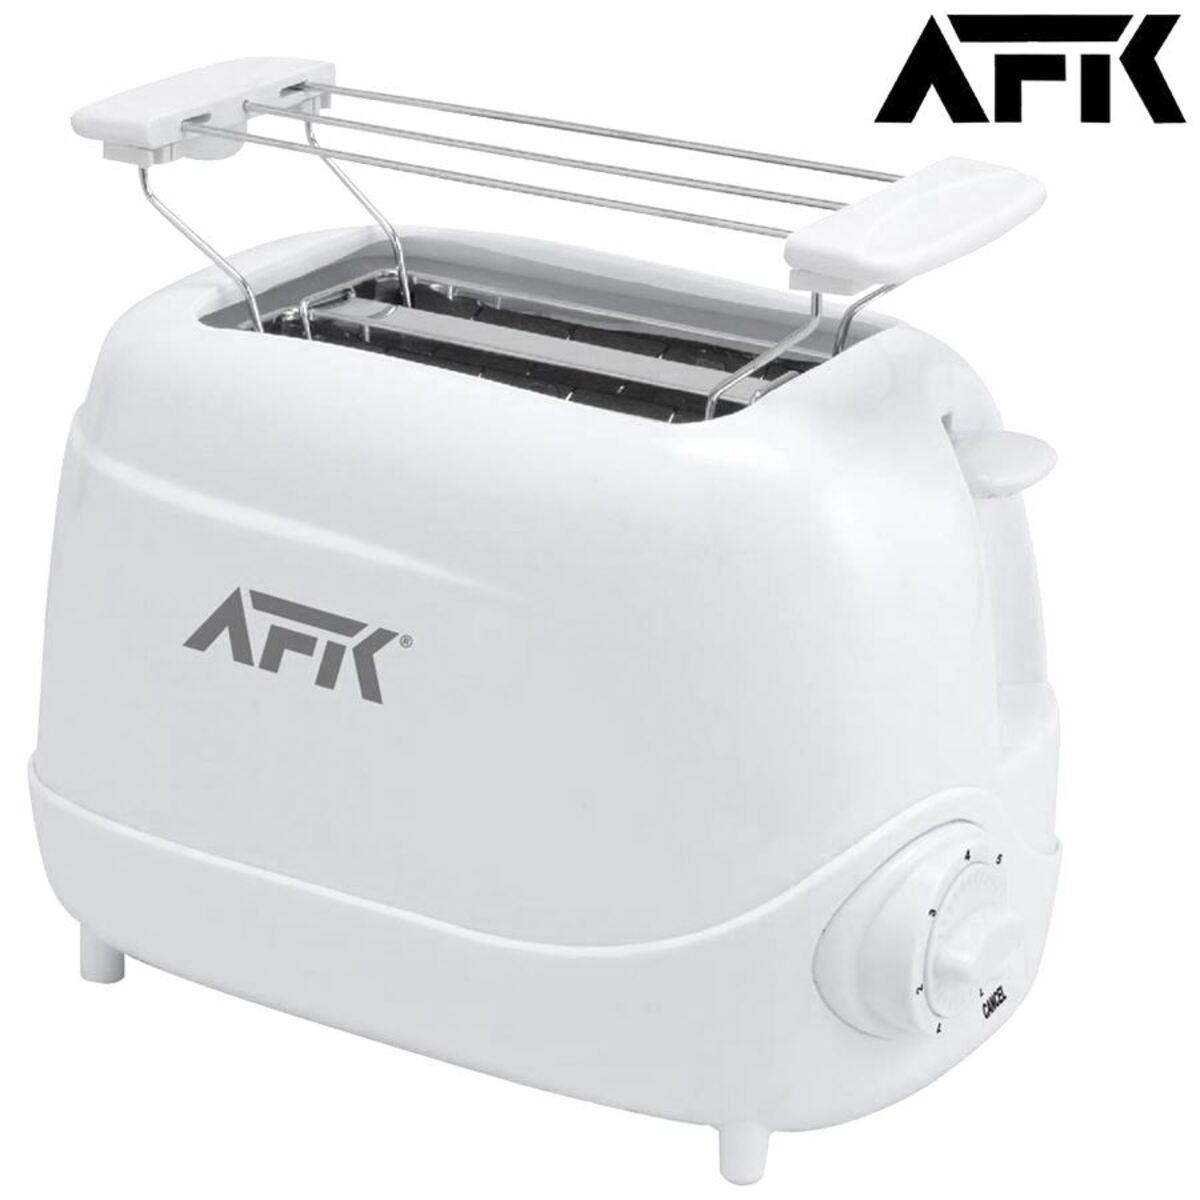 Bild 1 von AFK Toaster CTO-850.1 Weiß